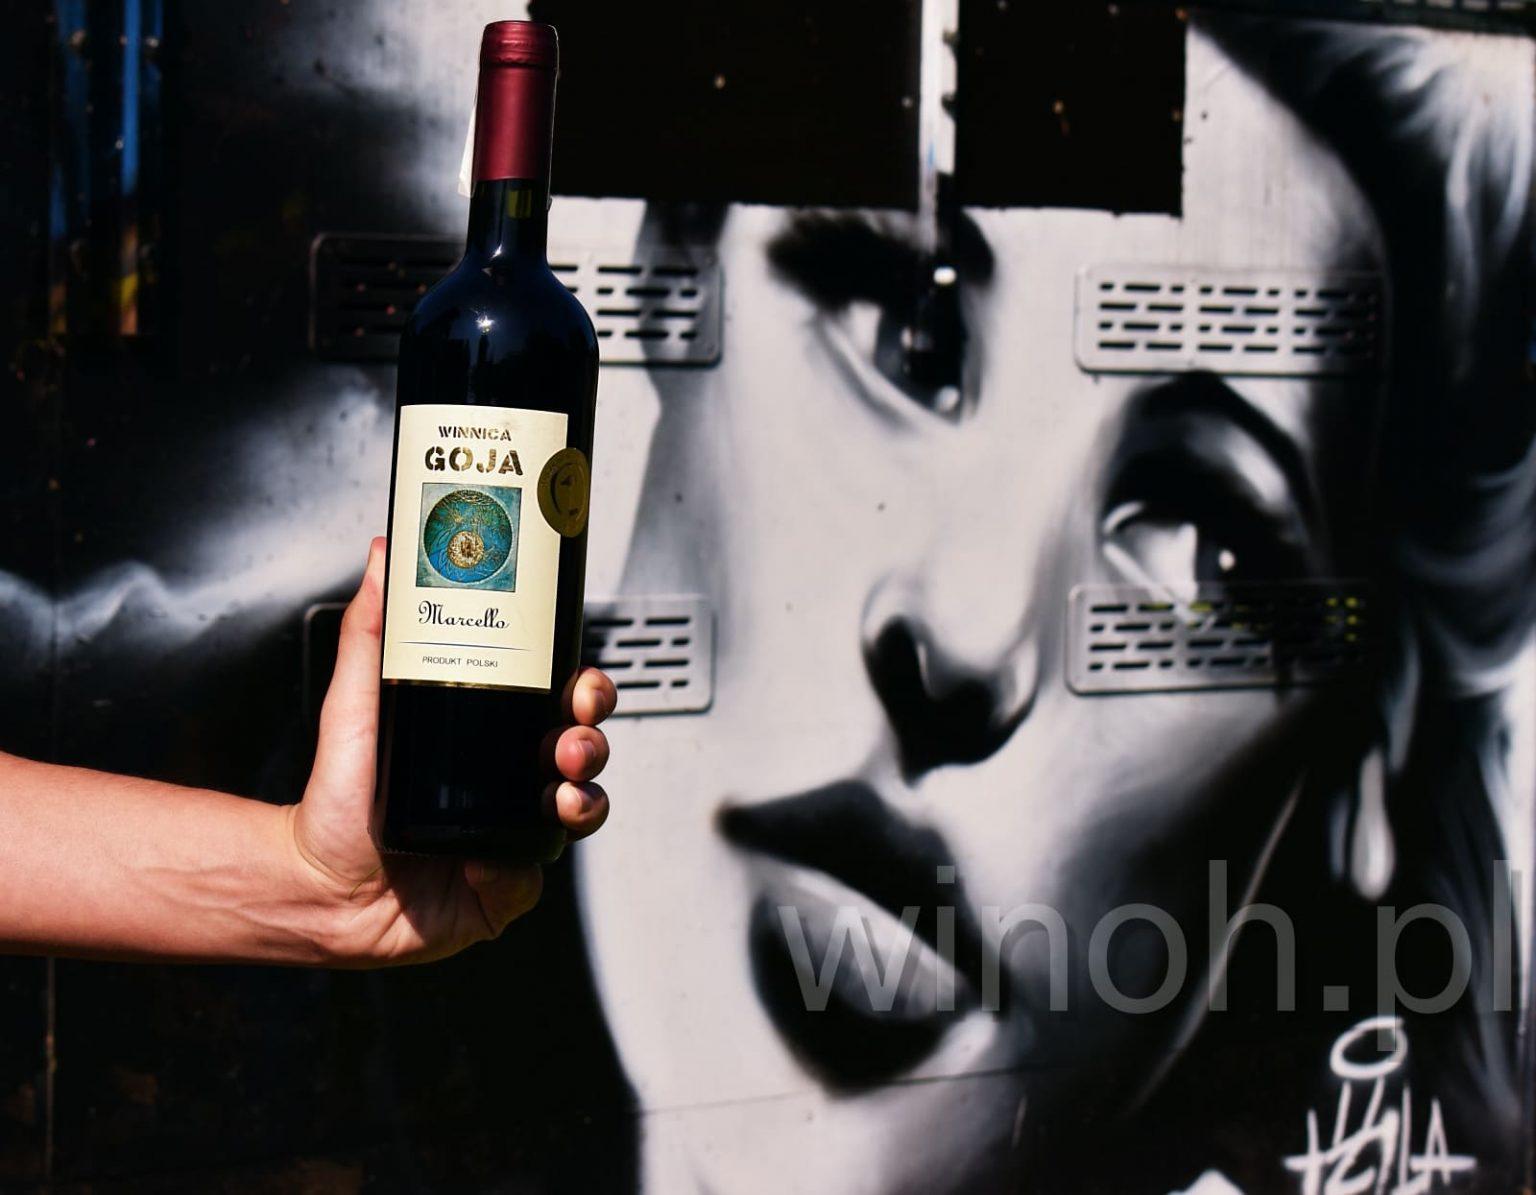 Winnica Goja - Marcello